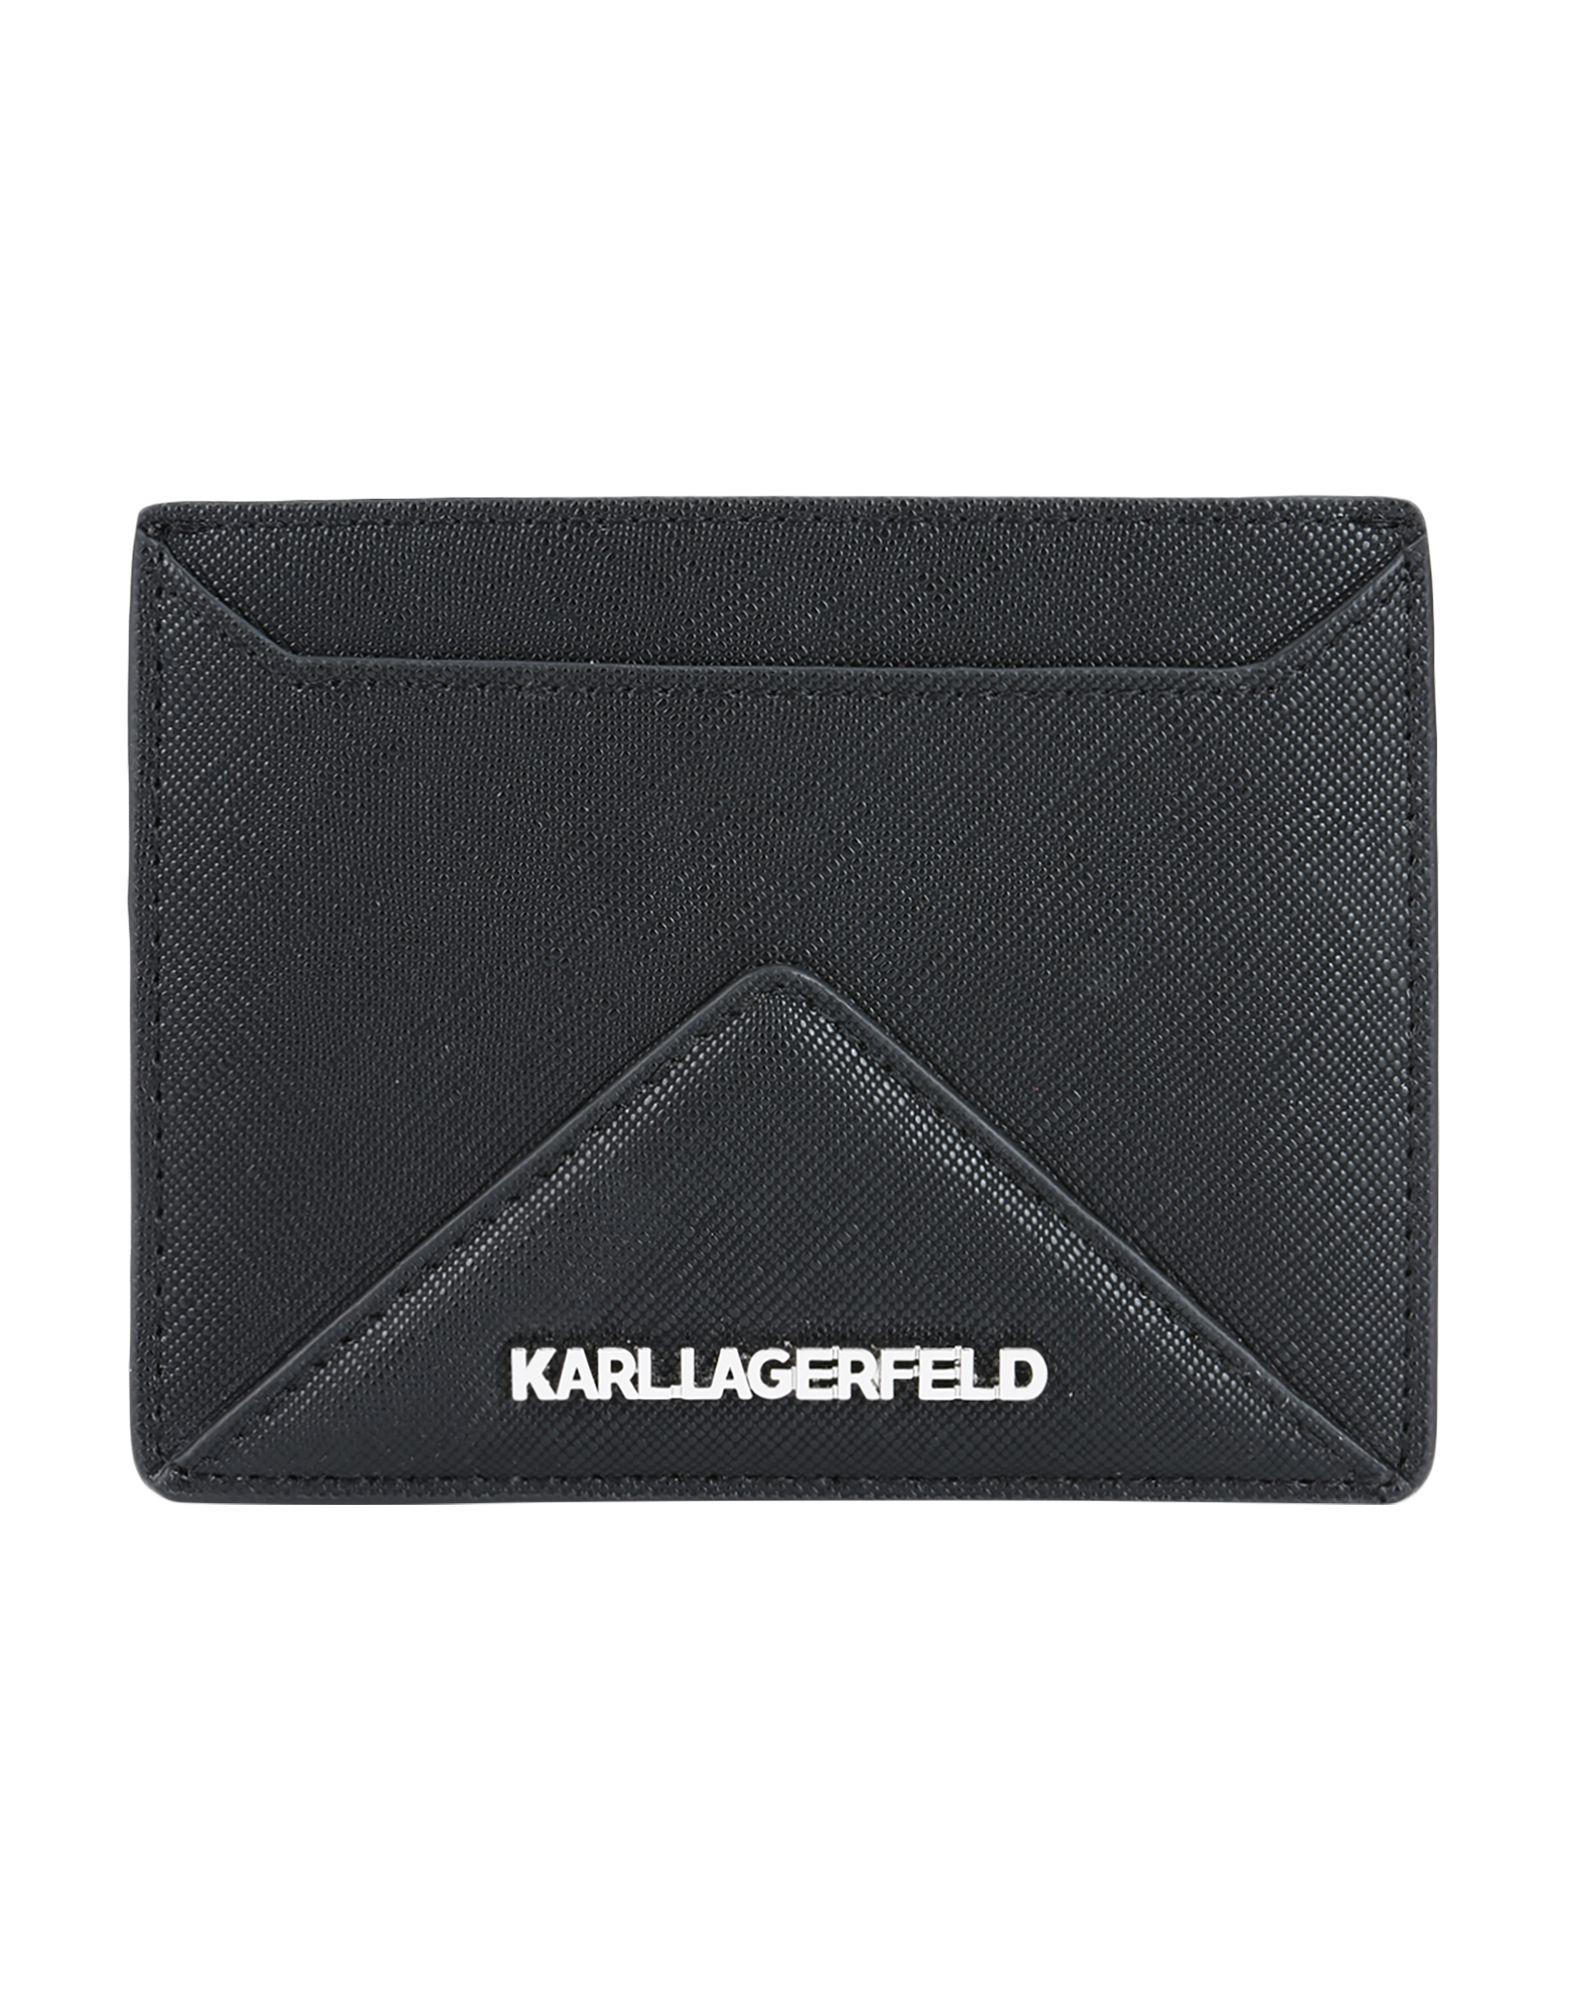 KARL LAGERFELD Чехол для документов karl lagerfeld брелок для ключей